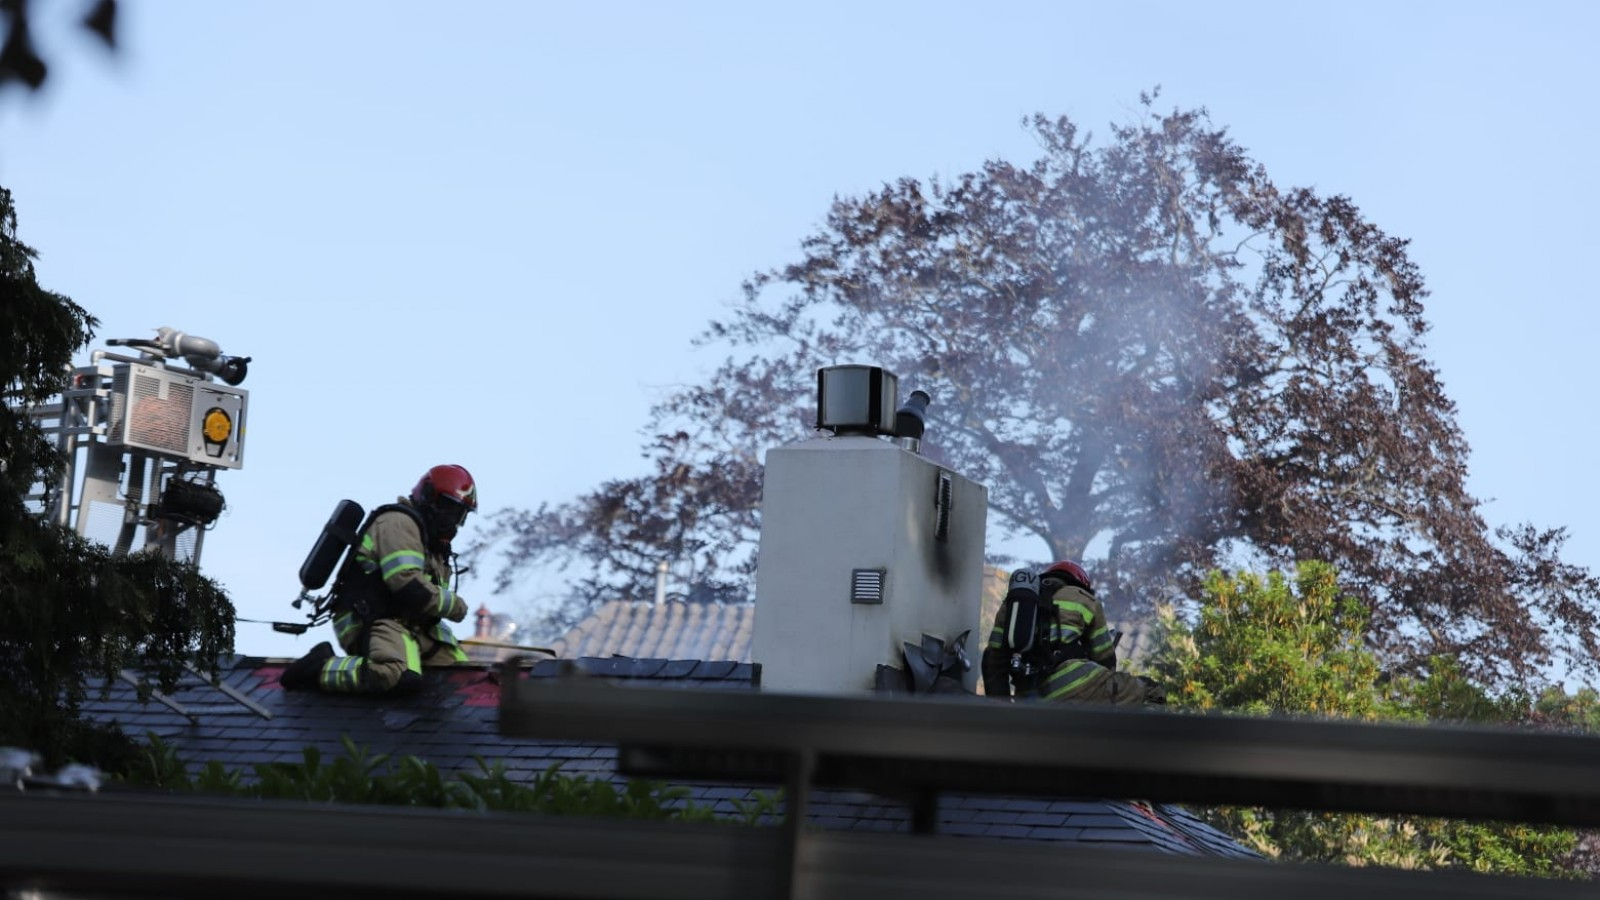 Brandweer heeft handen vol aan brandje op Bussumse zolder